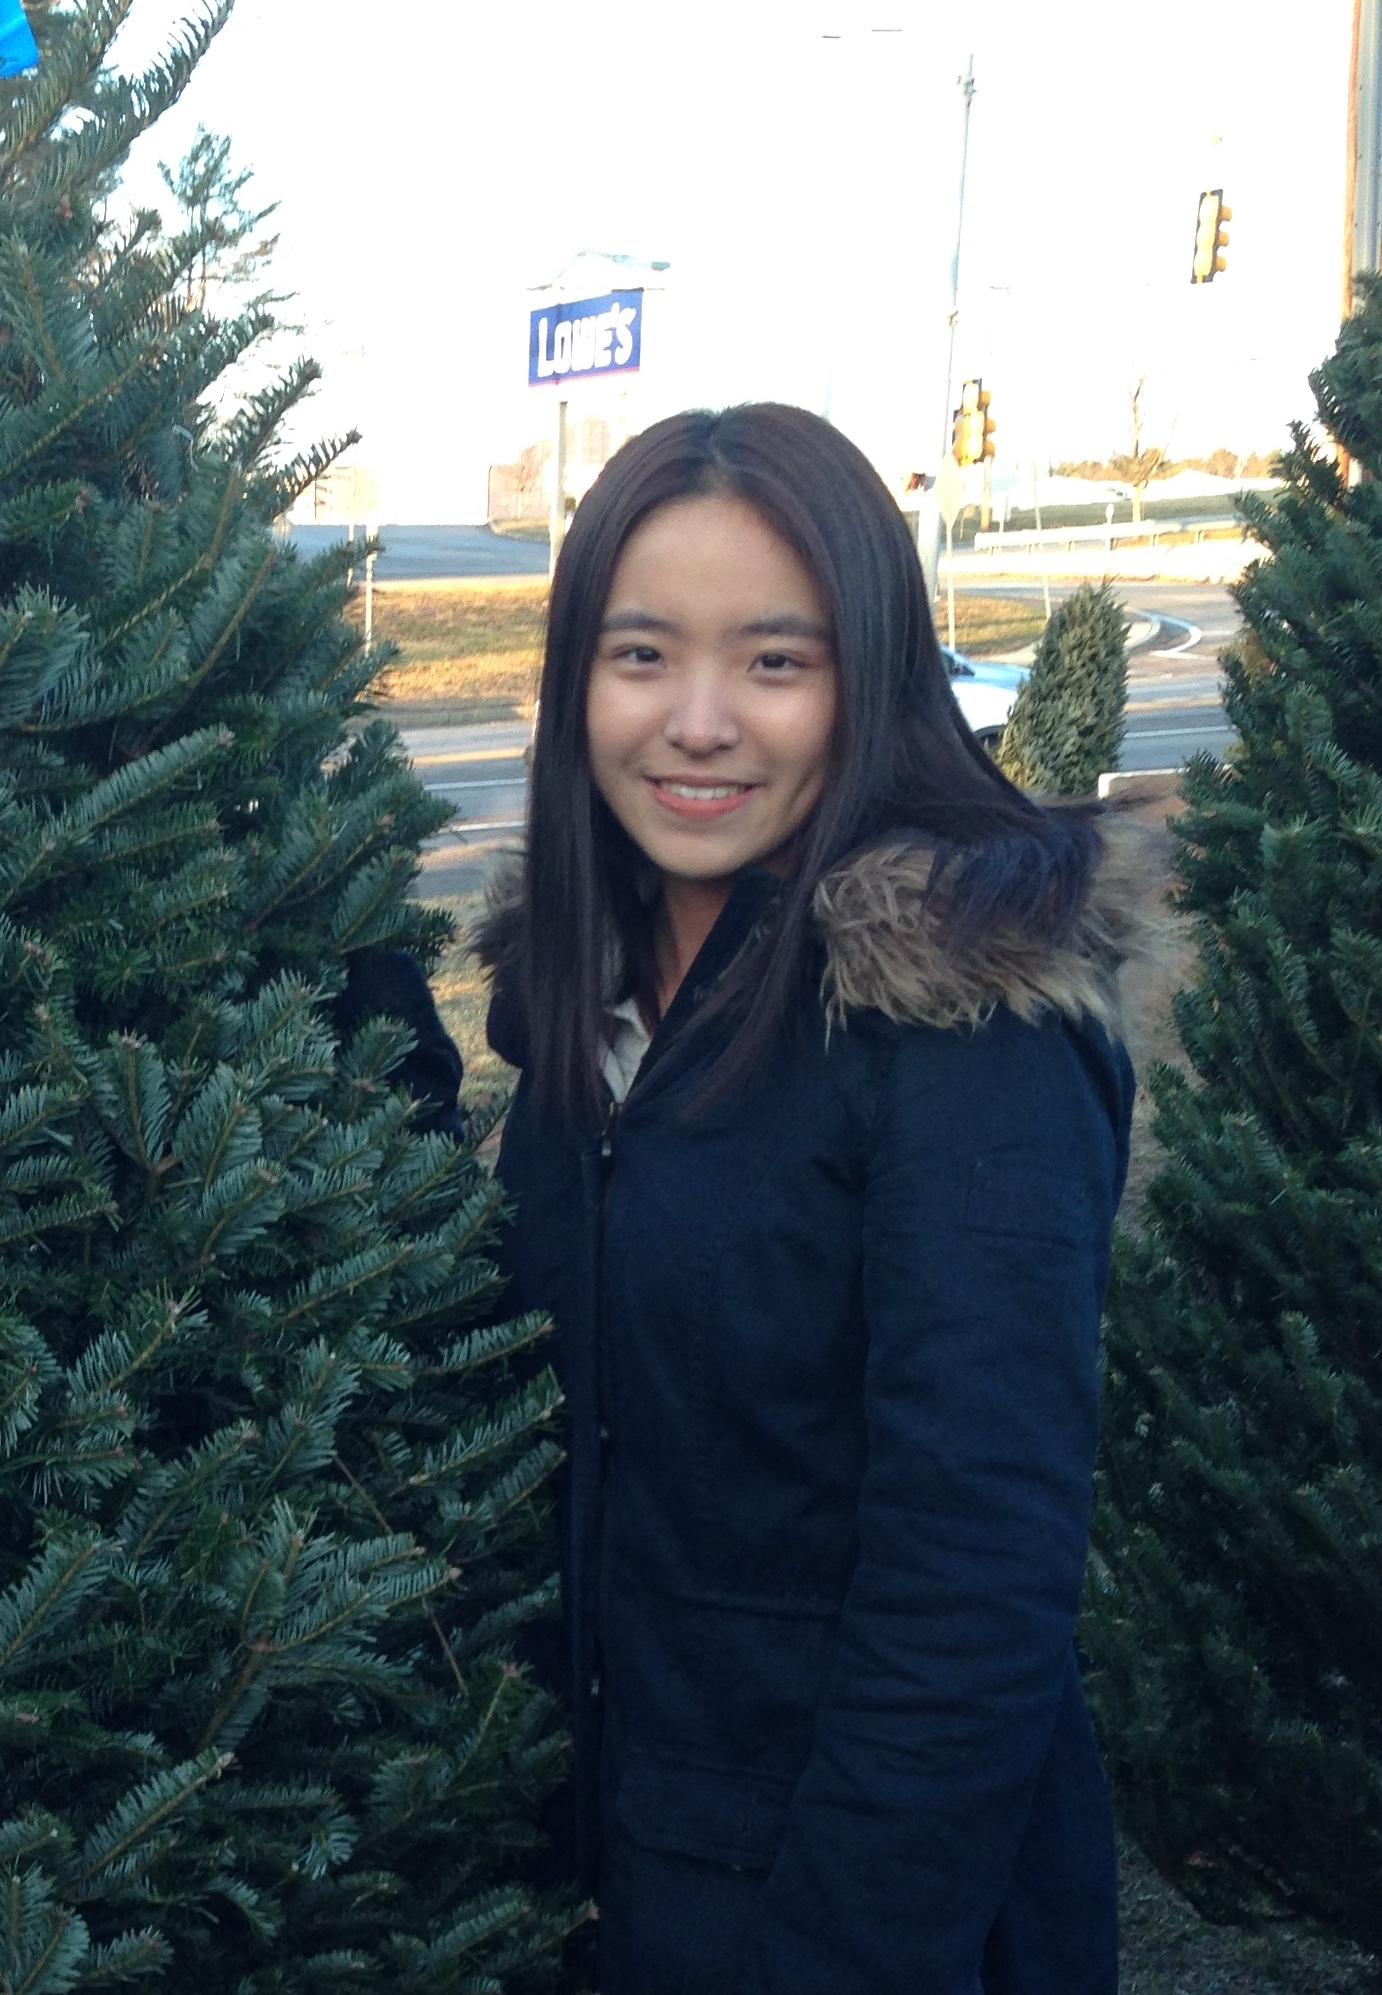 Jiayi (Cindy) Su